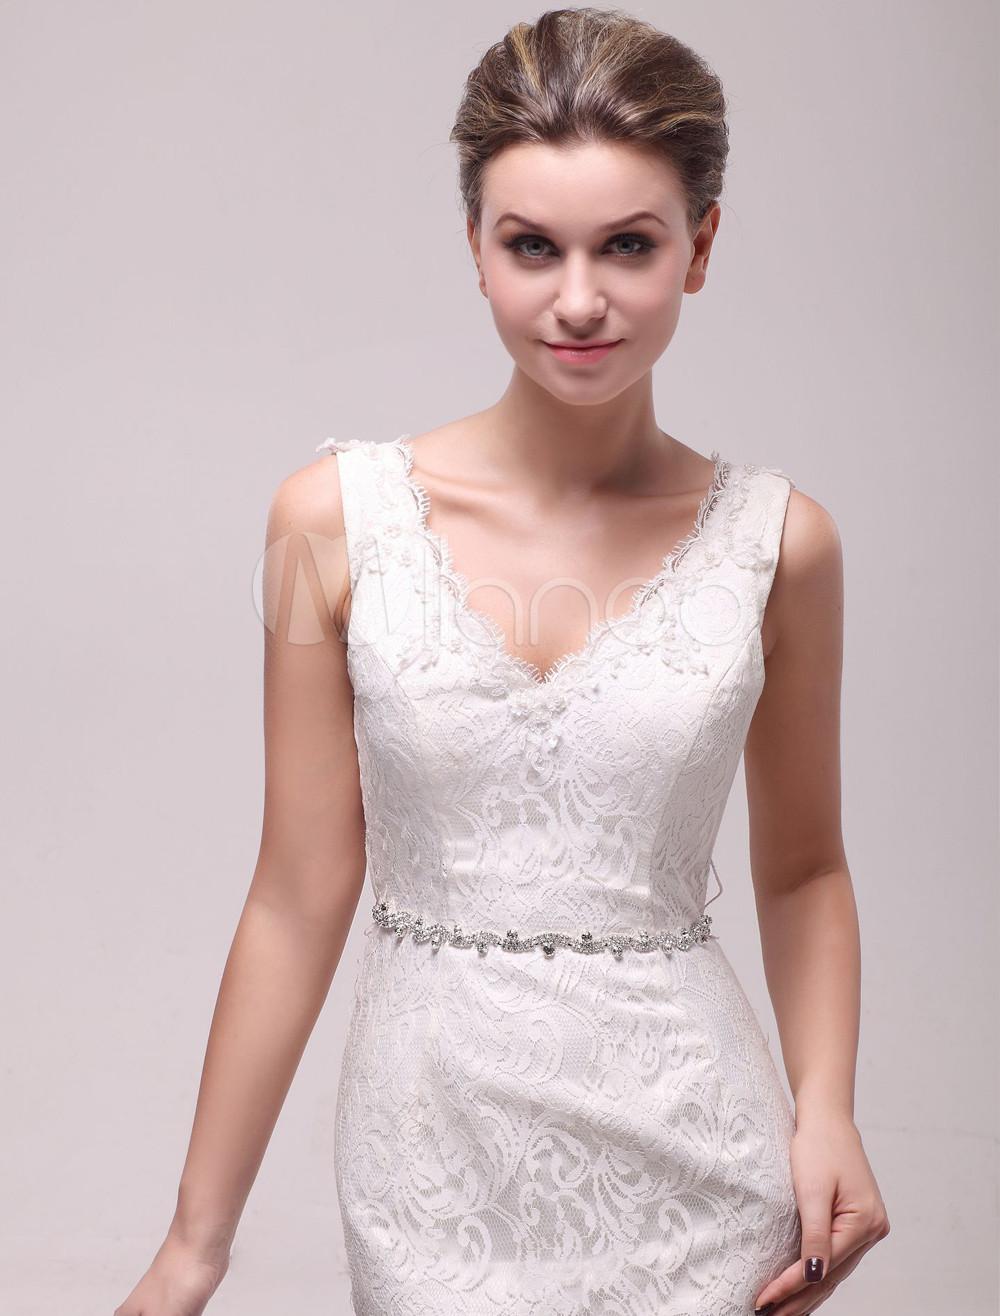 Hochzeitskleid Gürtel mit Kunstdiamanten in Weiß - Milanoo.com